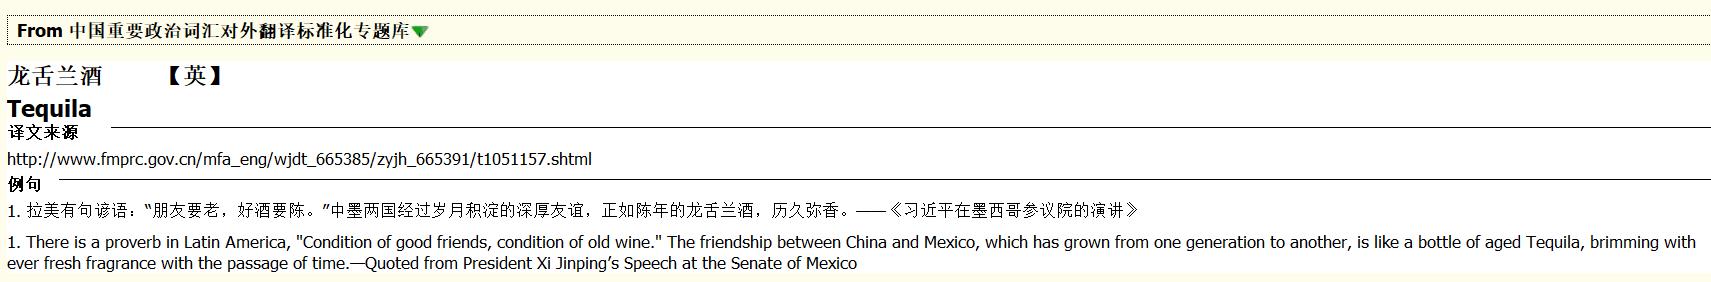 中国重要政治词汇对外翻译标准化专题库